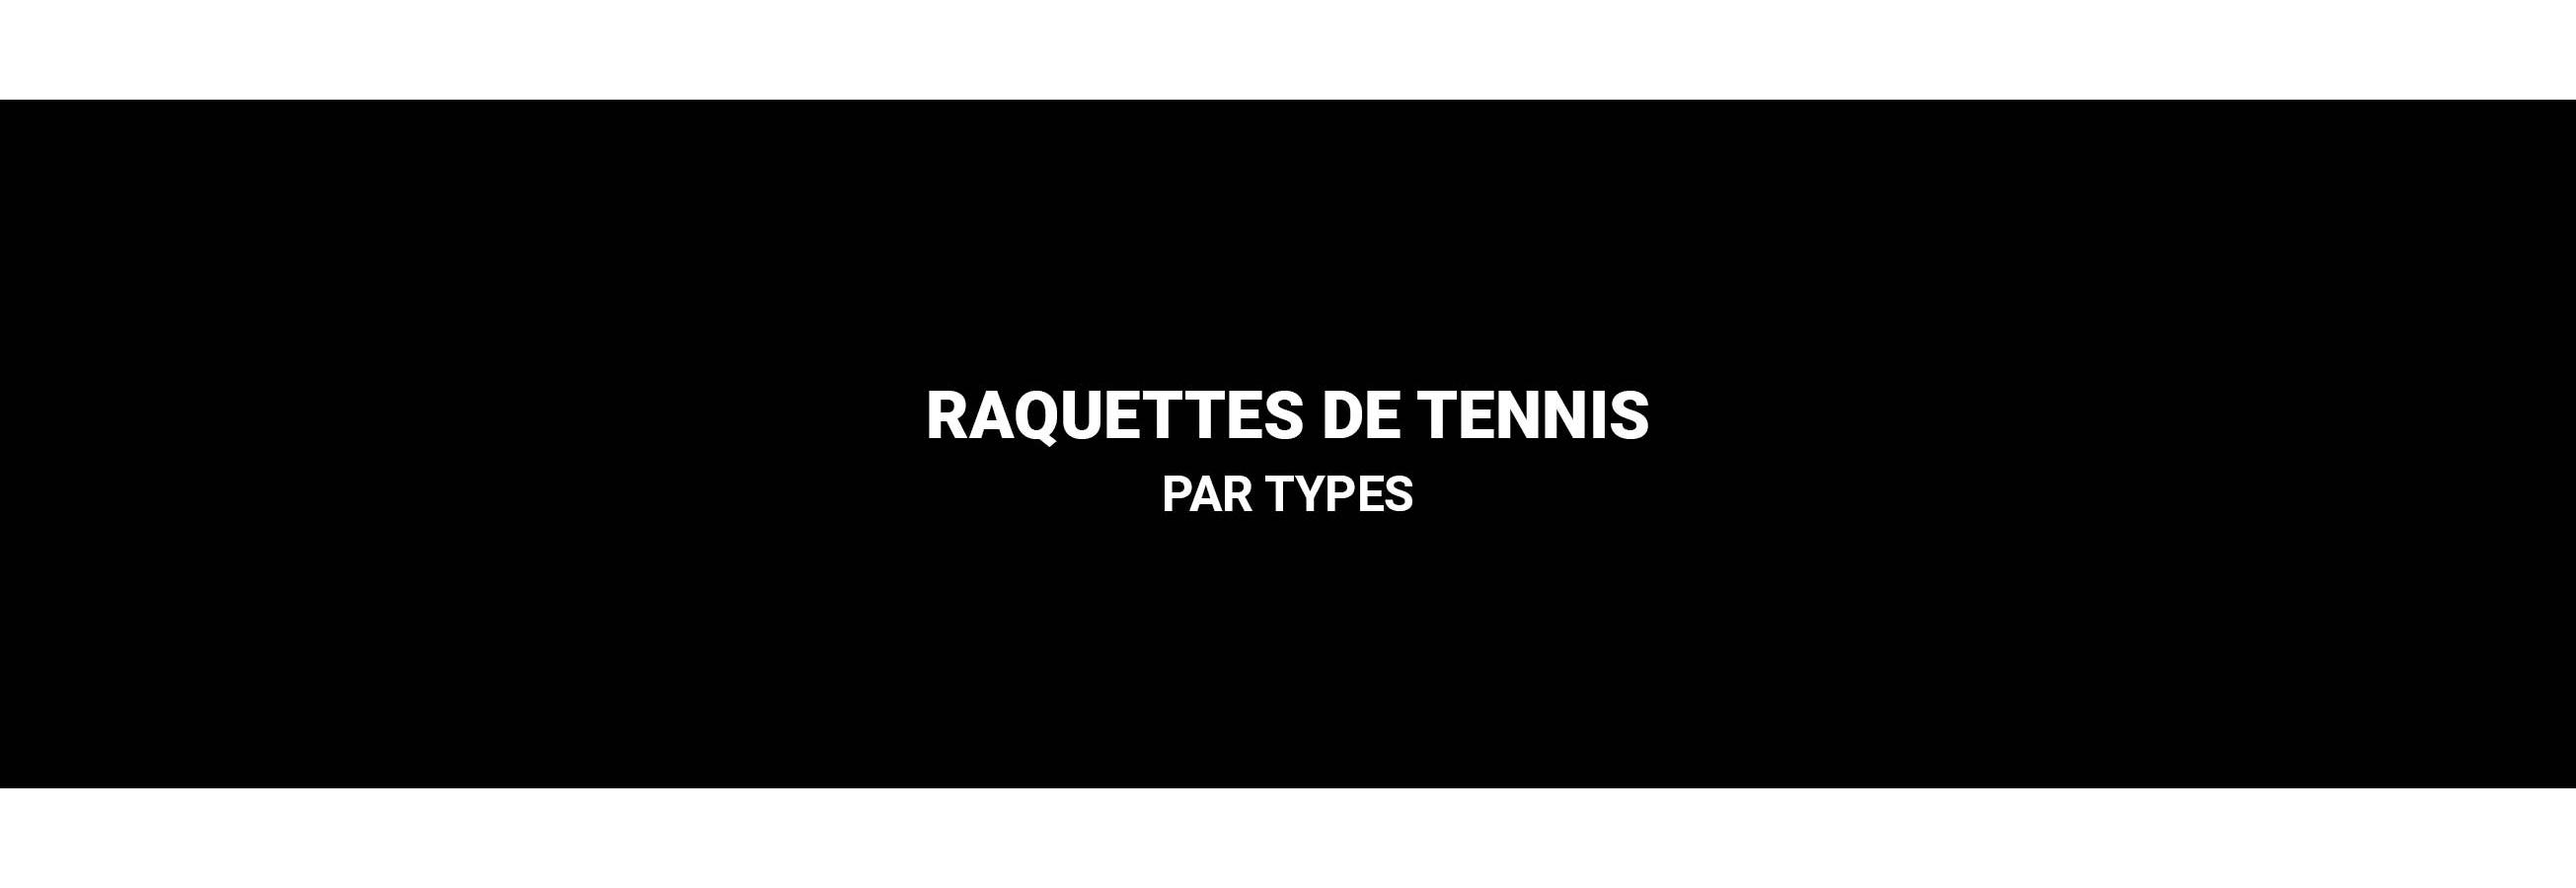 Raquettes de tennis - Occasions, compétitions, progressions, juniors